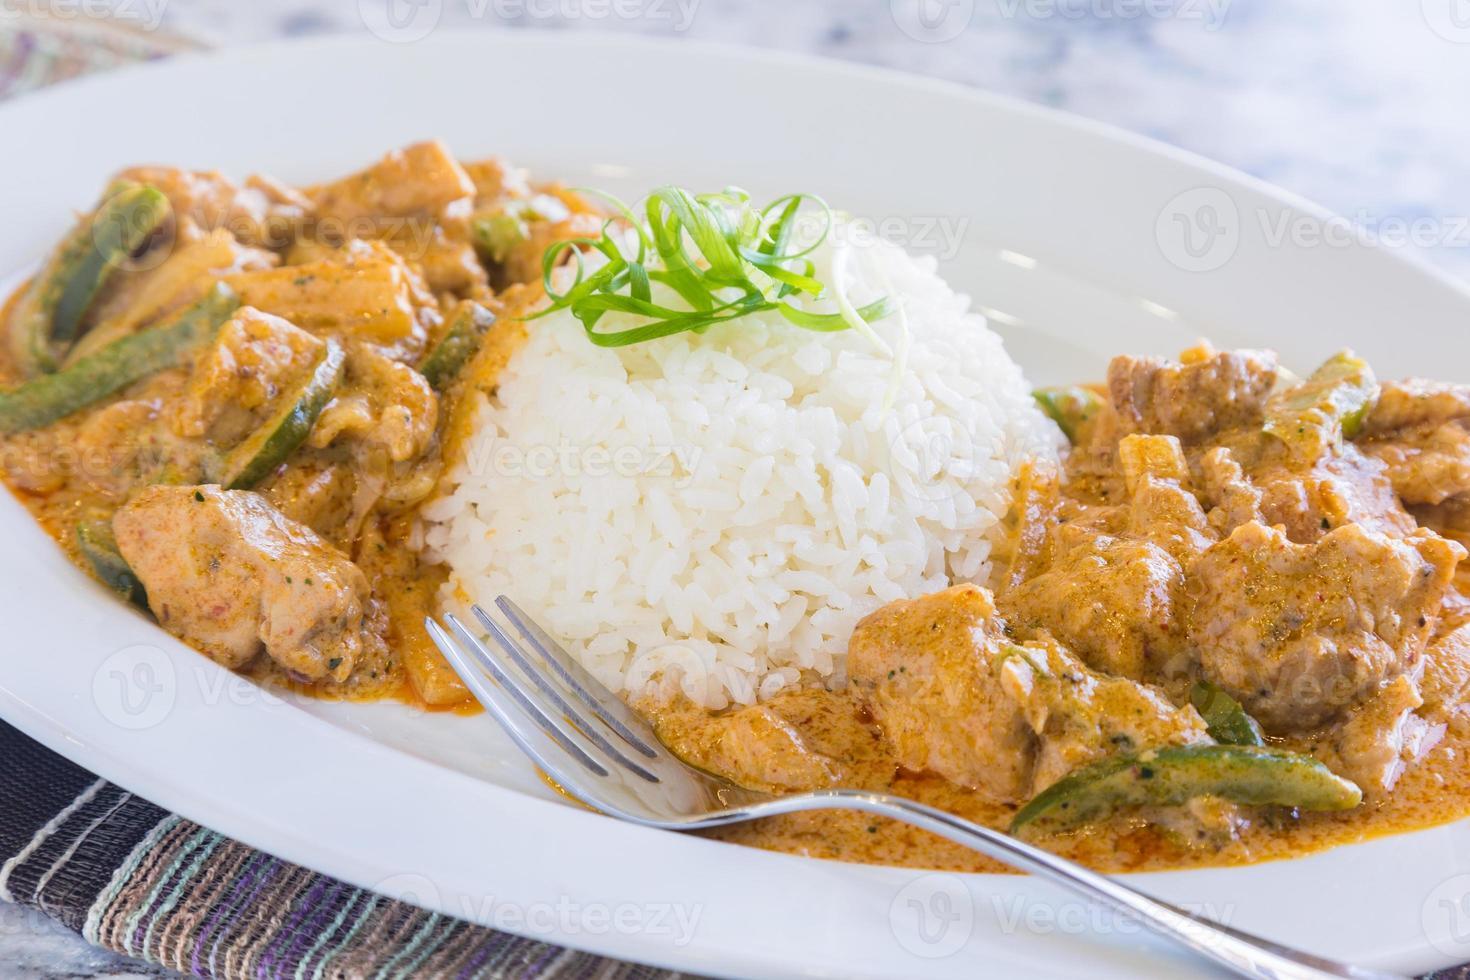 poulet panang curry avec riz blanc et fourchette photo